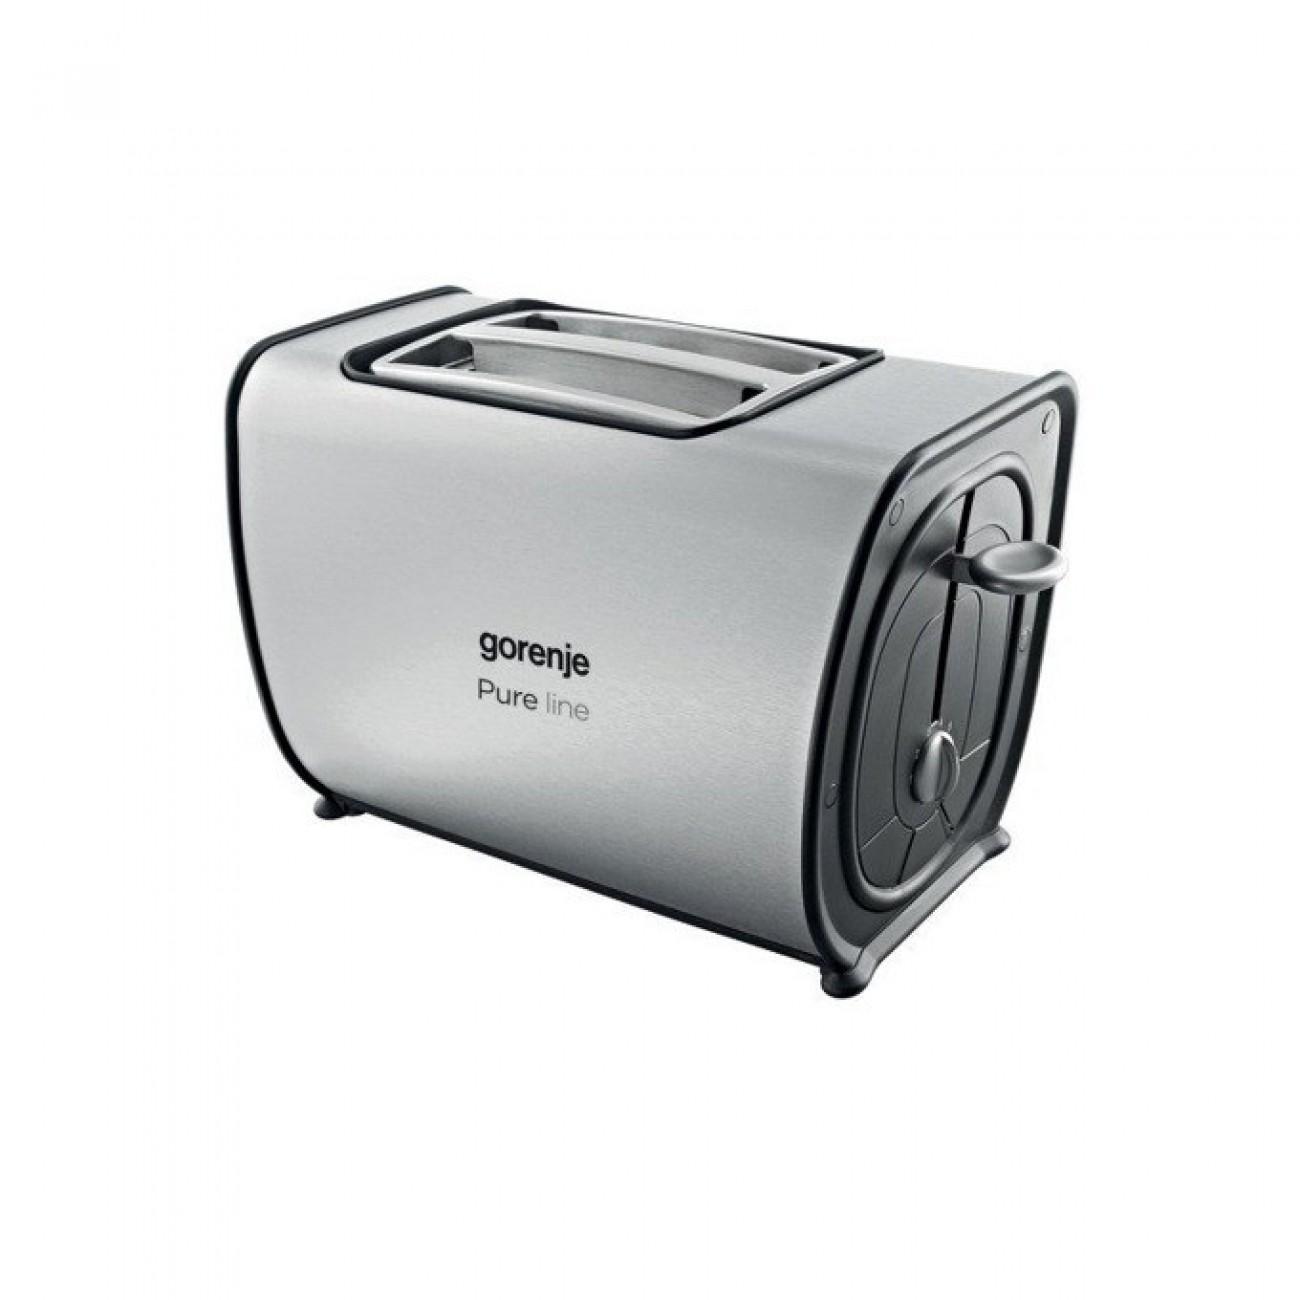 Тостер Gorenje T900E, 6 степени, термостат, осветени бутони, 870W, сребрист в Сандвич тостери -  | Alleop